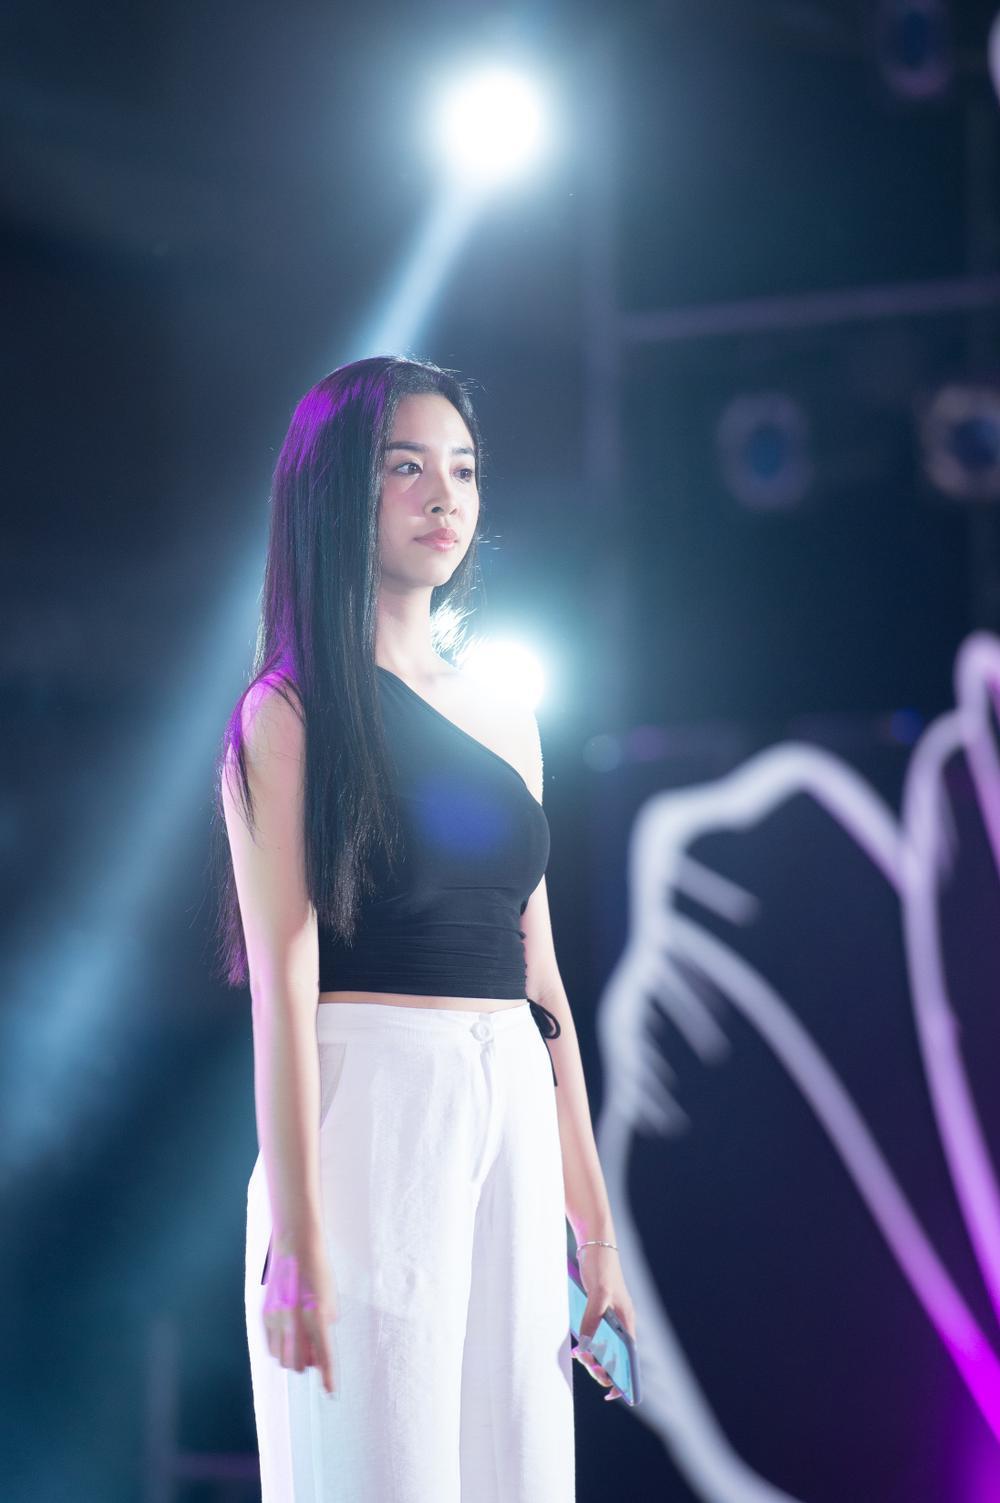 Dàn Hoa hậu Tiểu Vy, Thúy An, Phương Nga tỏa sáng khi để mặt mộc, nhìn sang Hiền Thục mới bất ngờ Ảnh 3